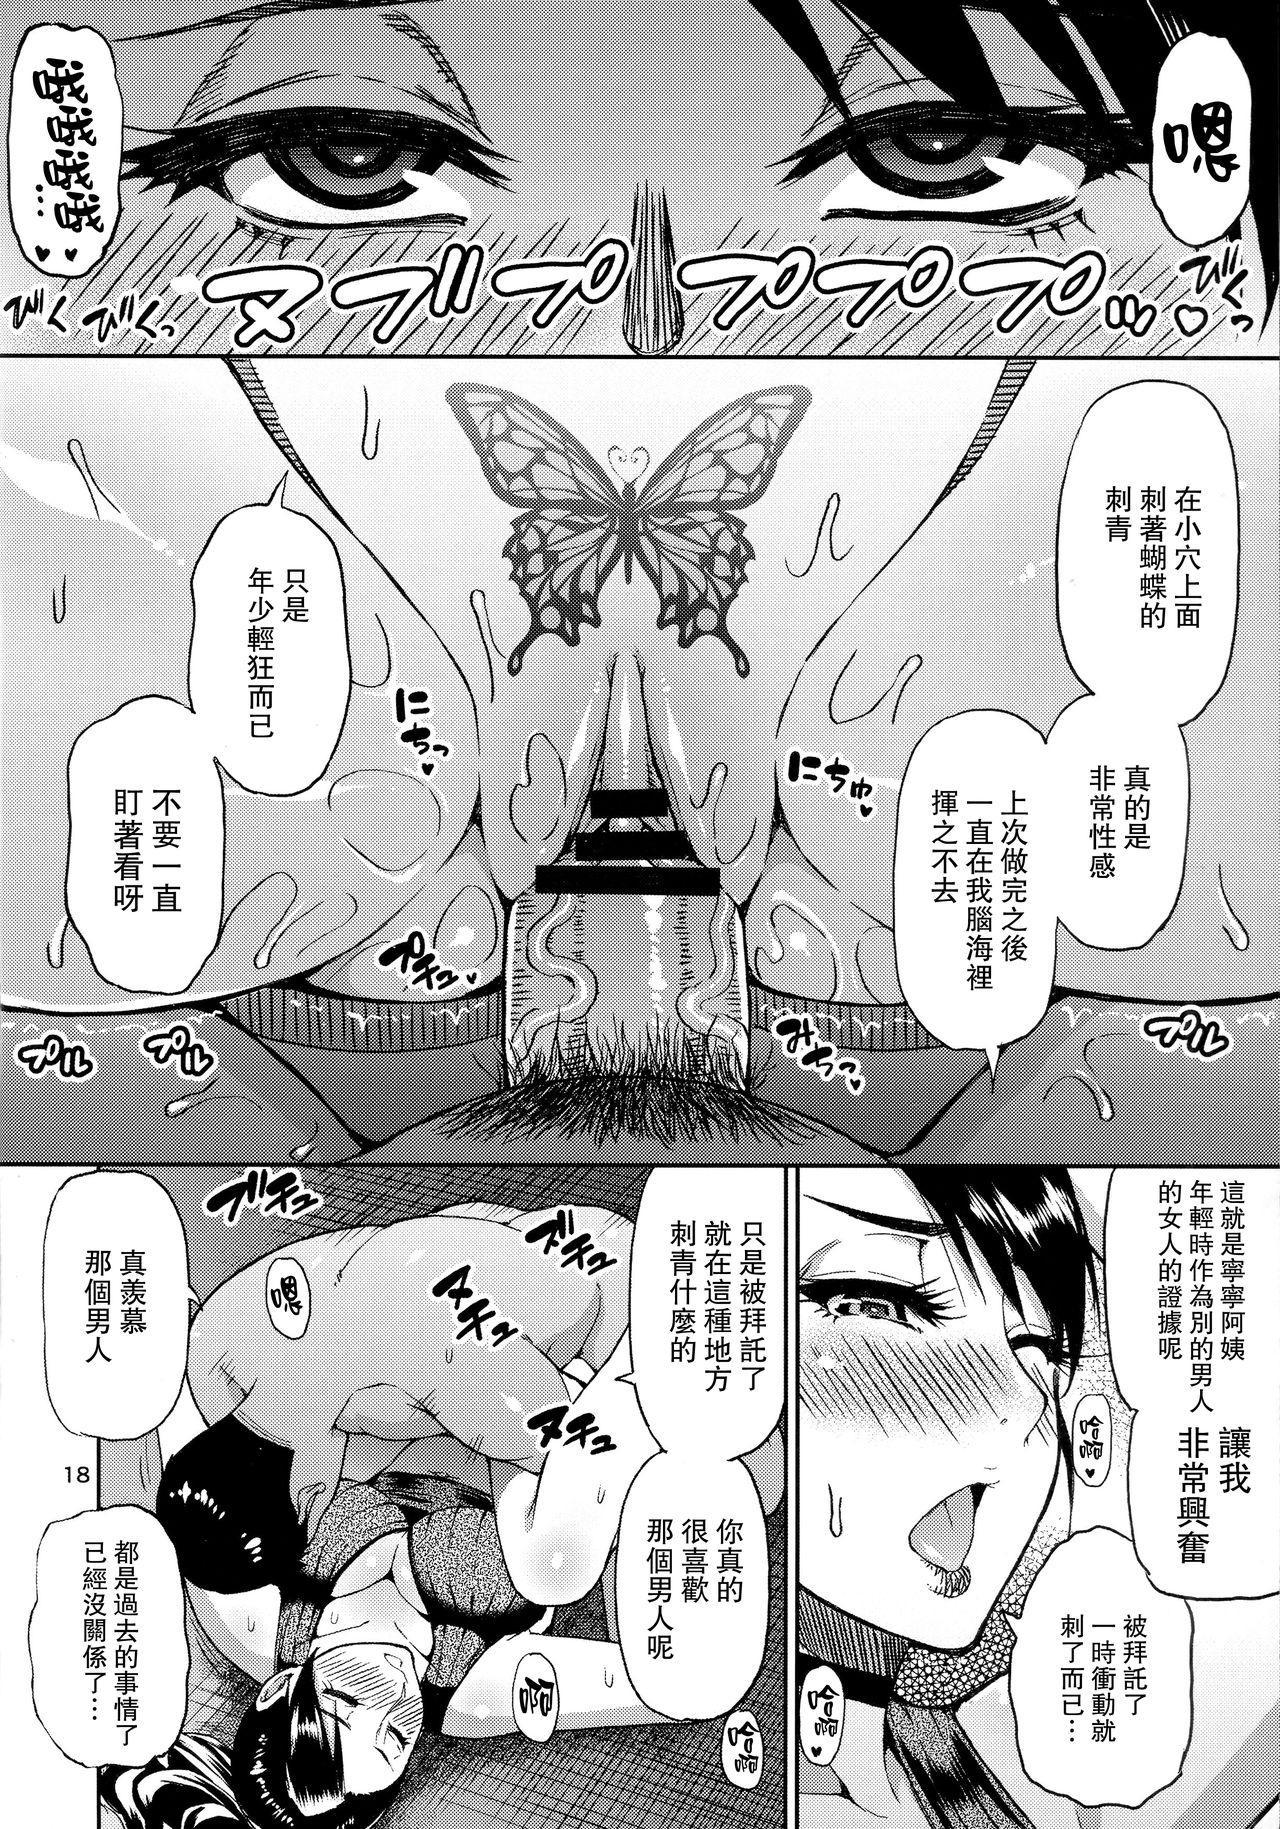 Motoyan Hitozuma Jukujo no Oba-san ni Seishori o Onegai shita. 16